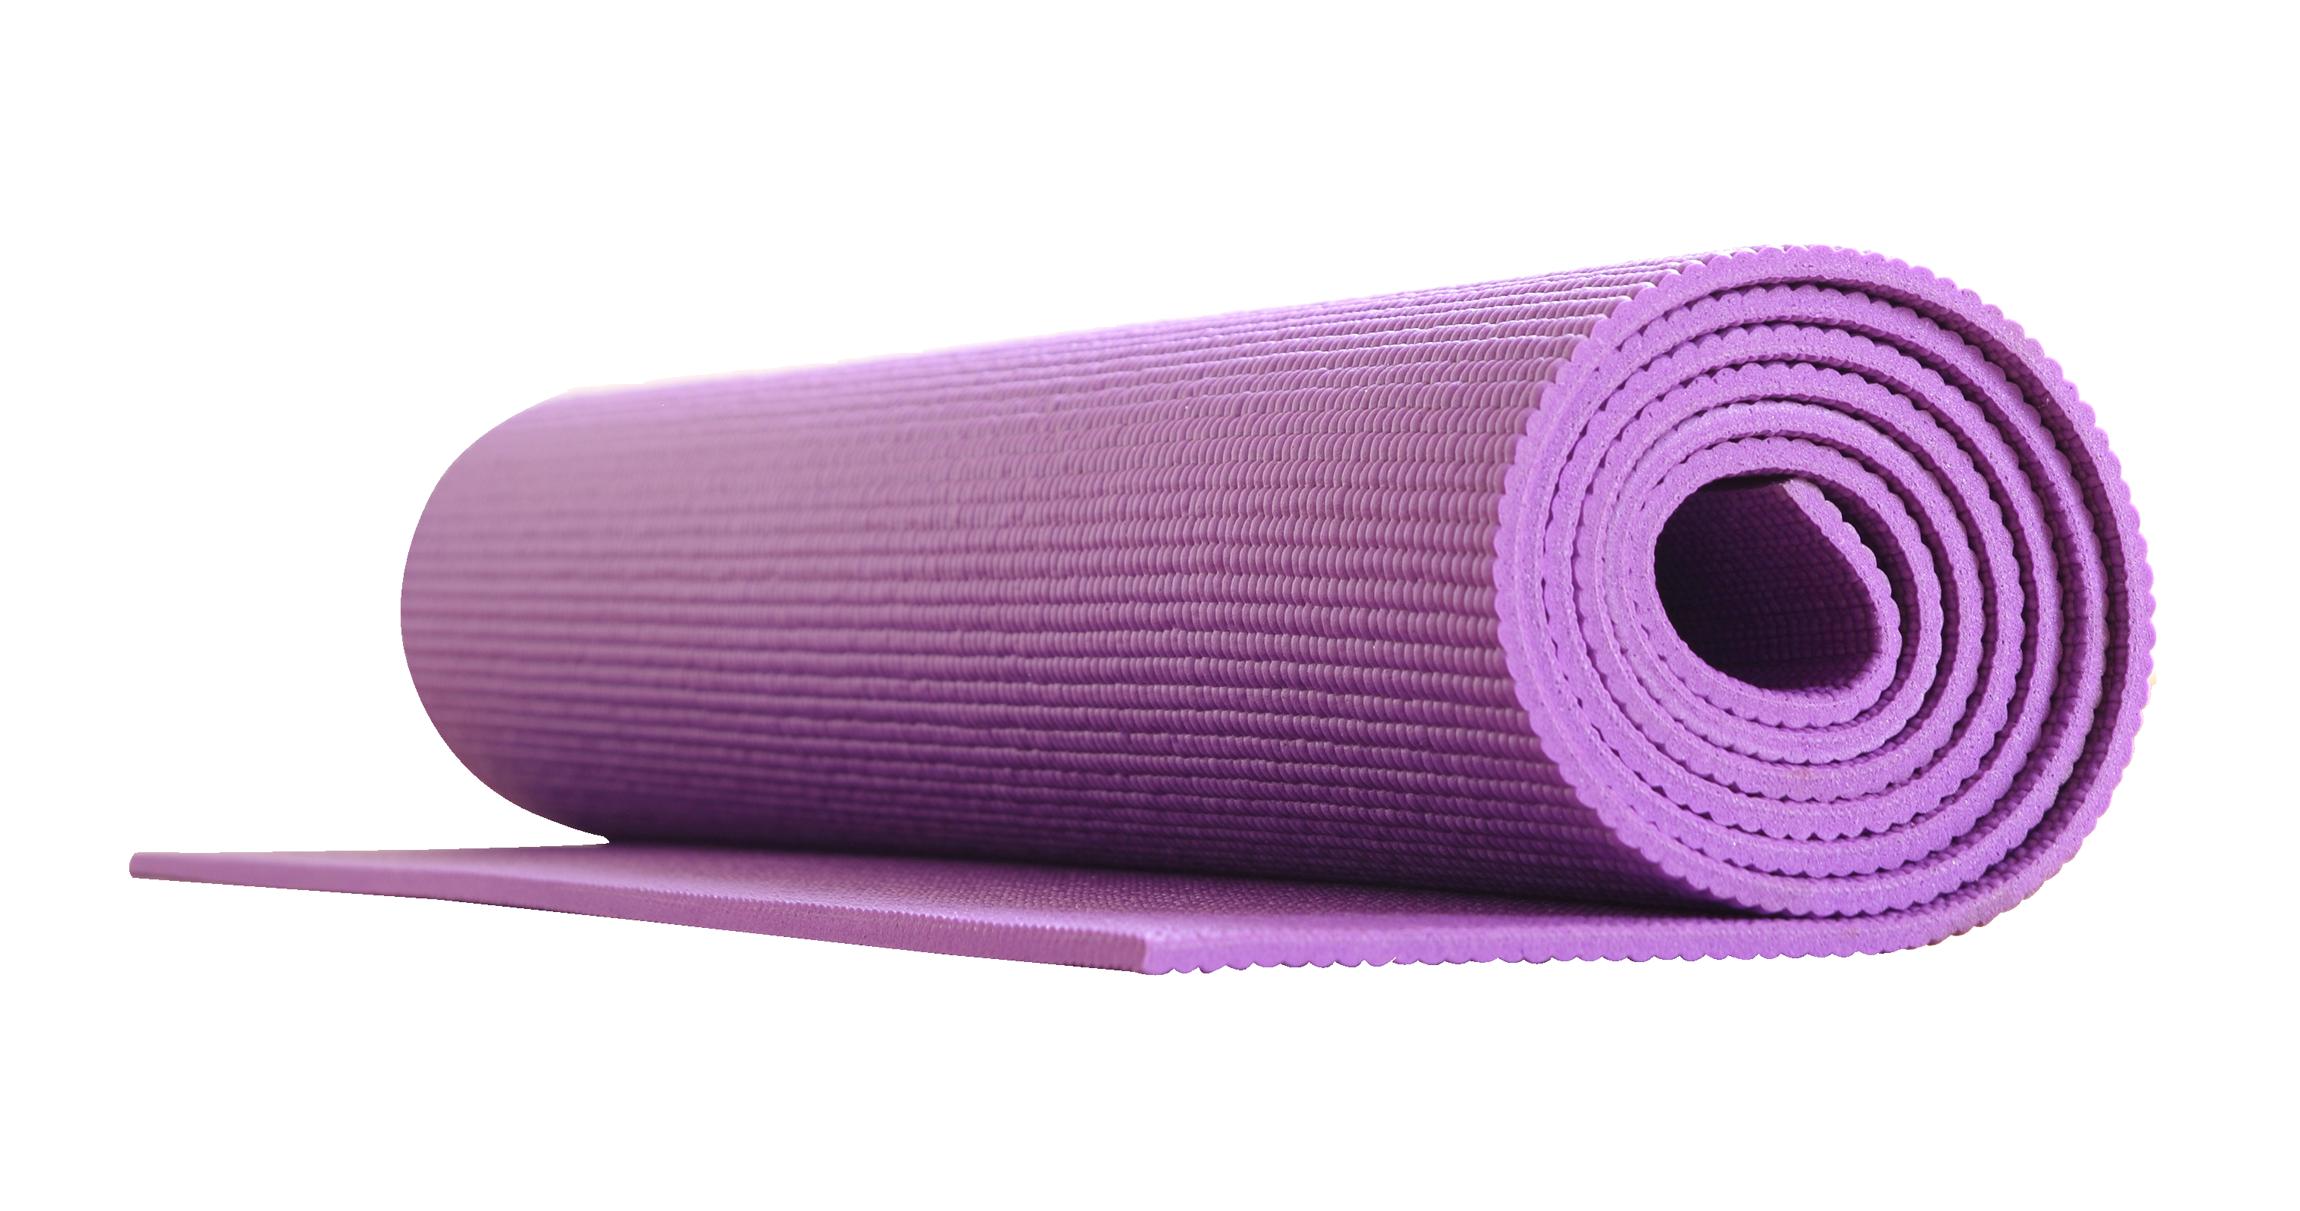 Mat clipart yoga mat, Mat yoga mat Transparent FREE for.